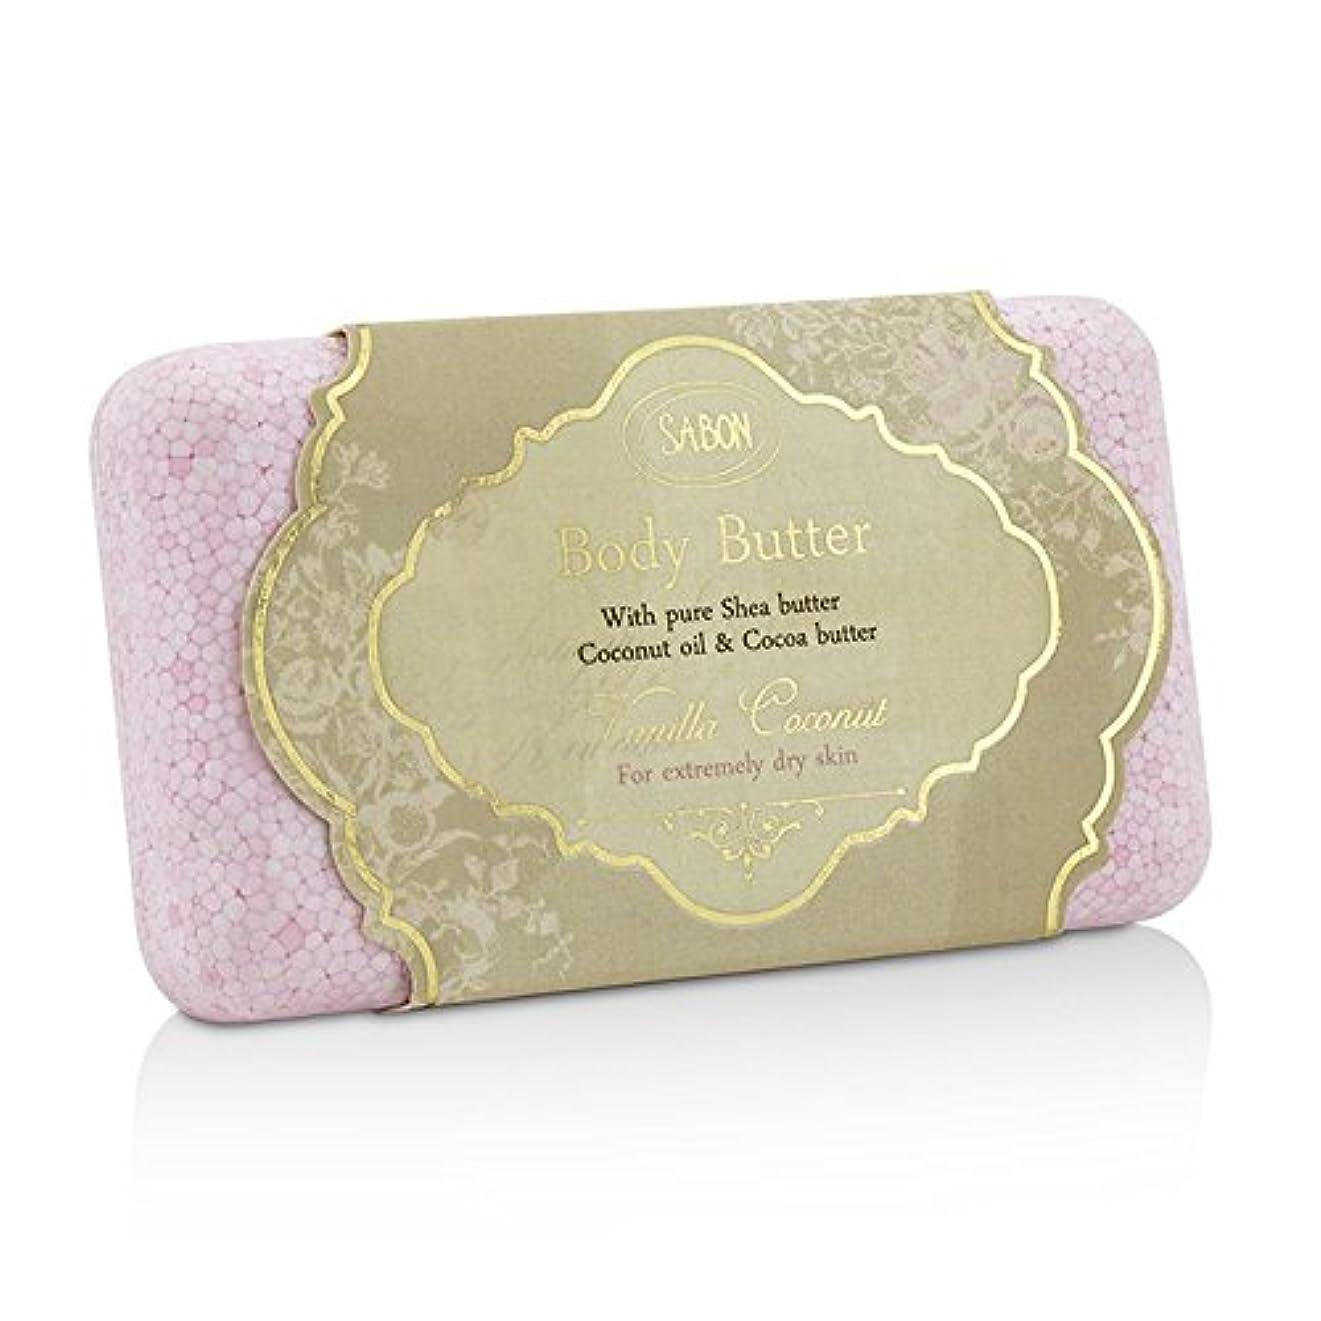 ポテト休日に迷路サボン Body Butter (For Extremely Dry Skin) - Vanilla Coconut 100g/3.53oz並行輸入品